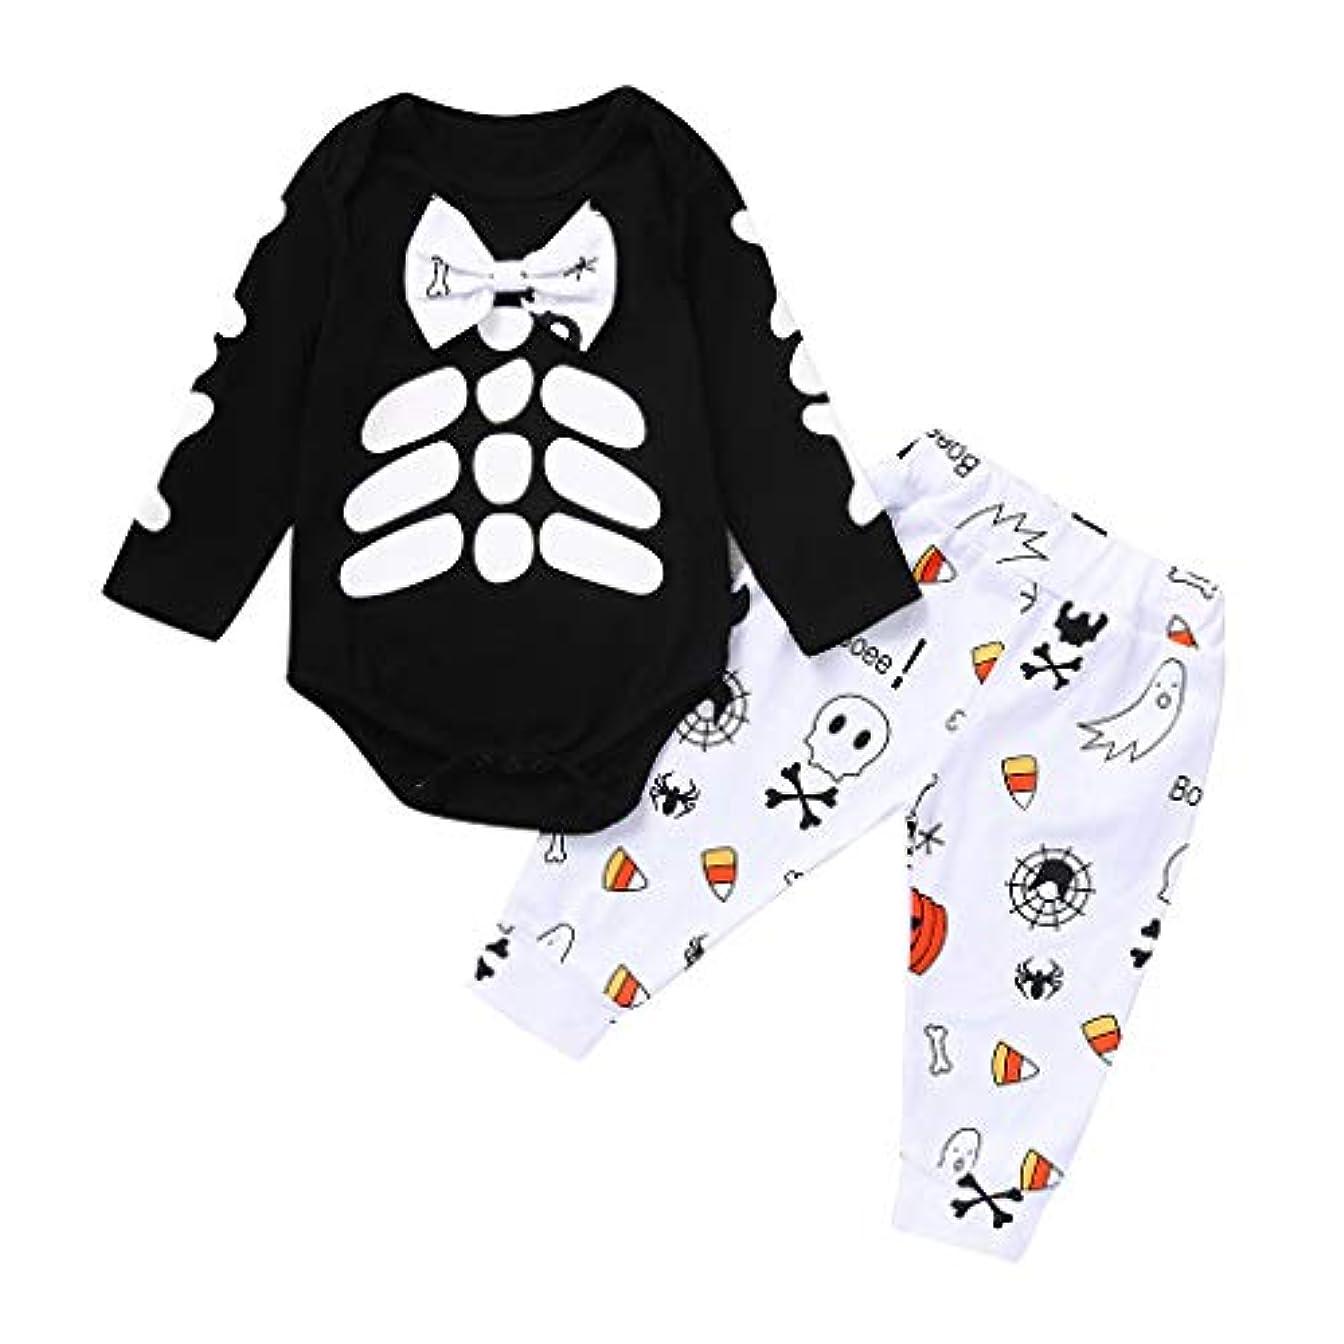 細分化するピストン前件幼児の男の子女の子ハロウィンスカルプリントロンパースボディースーツ+漫画のズボンの衣装秋冬 新生児